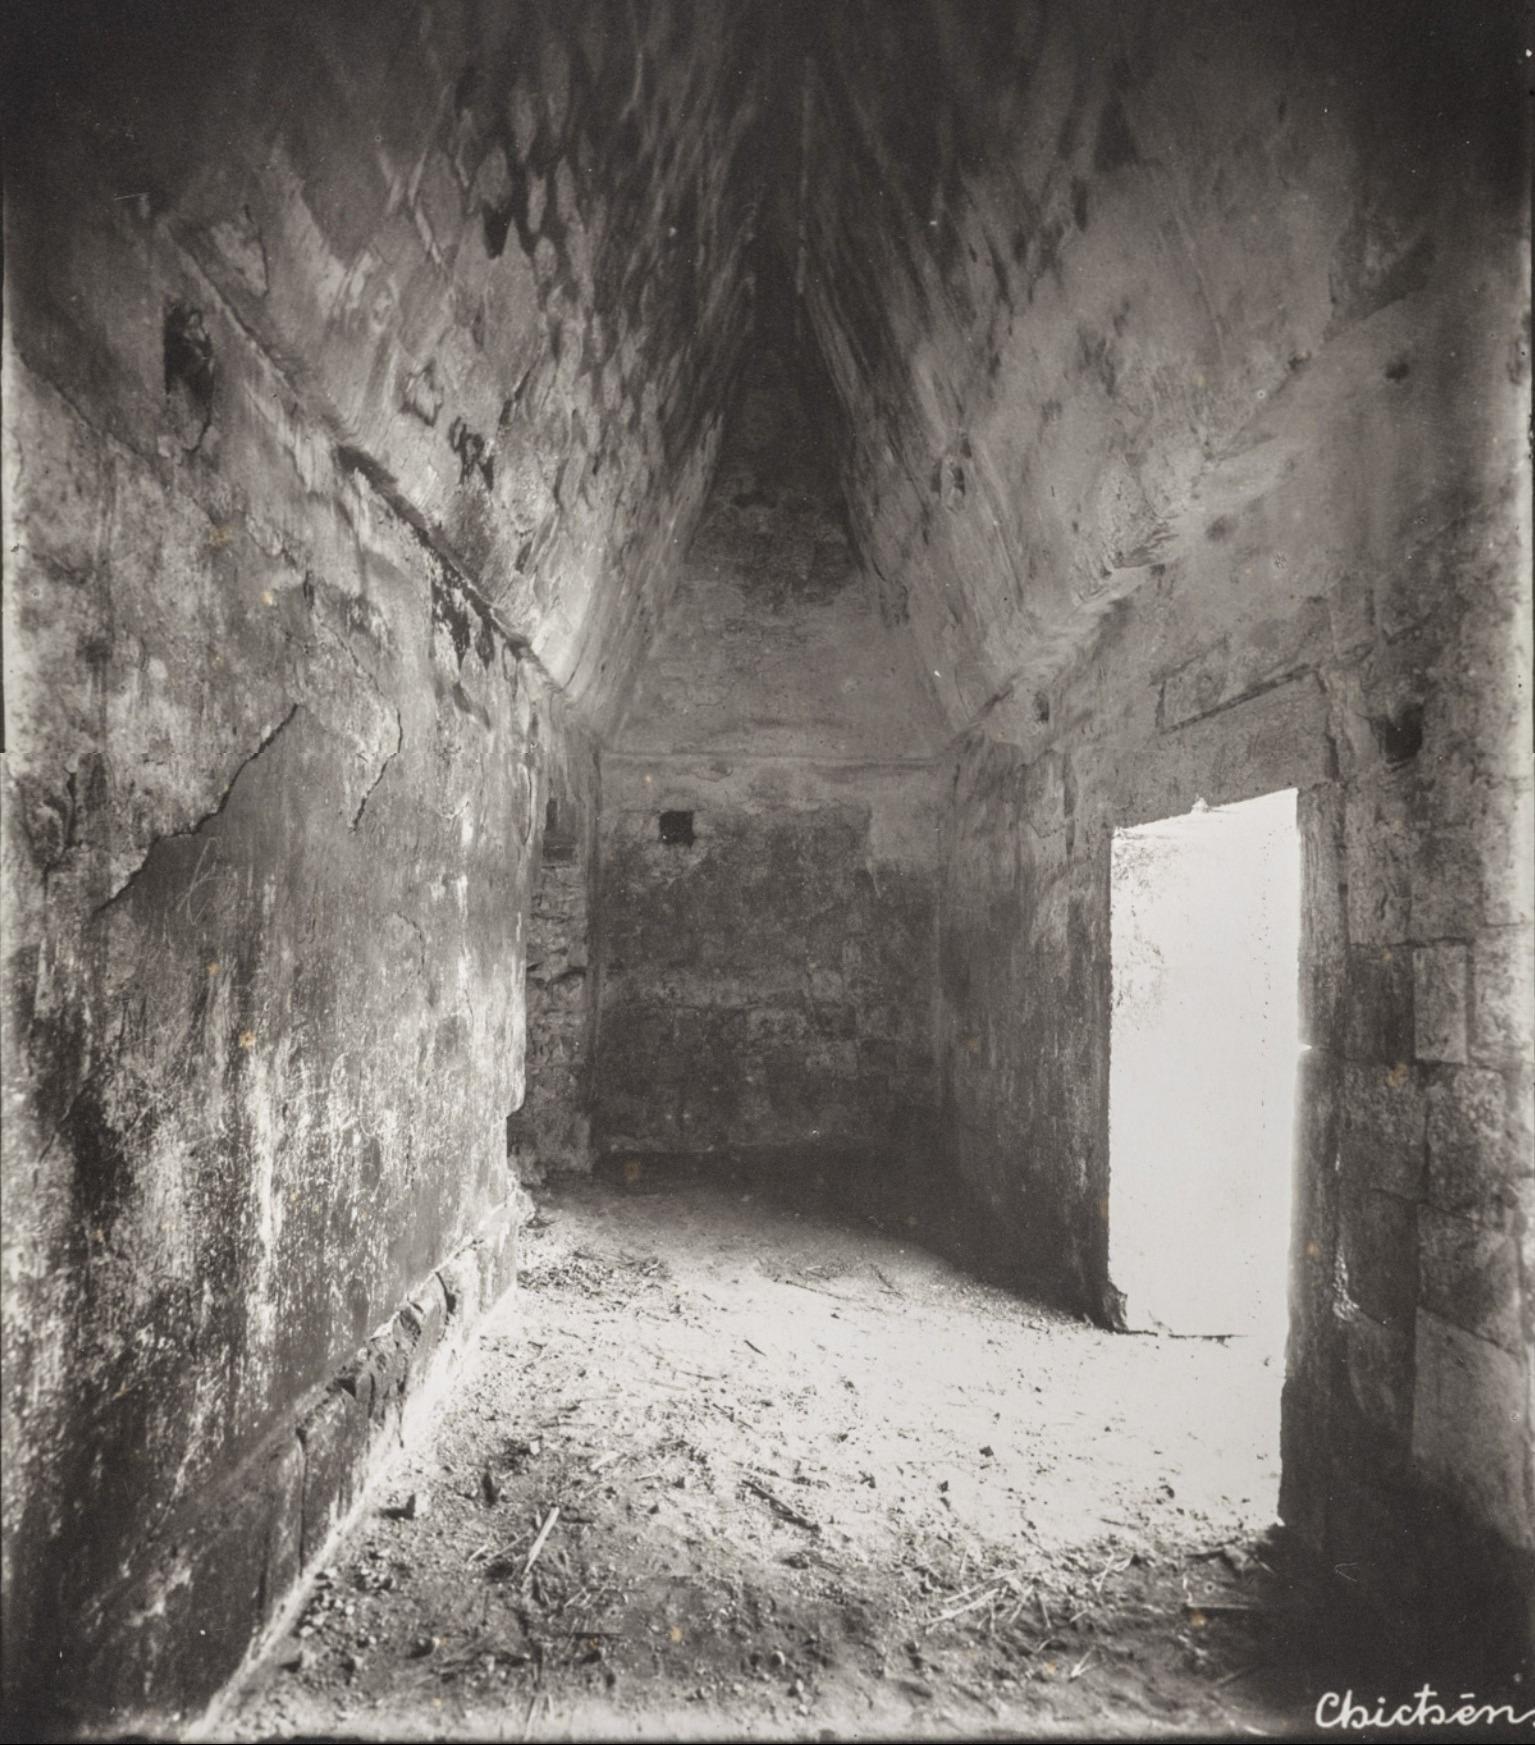 Чичен-Ица. Склеп в здании «Лас Моньяс» («Женский монастырь»).